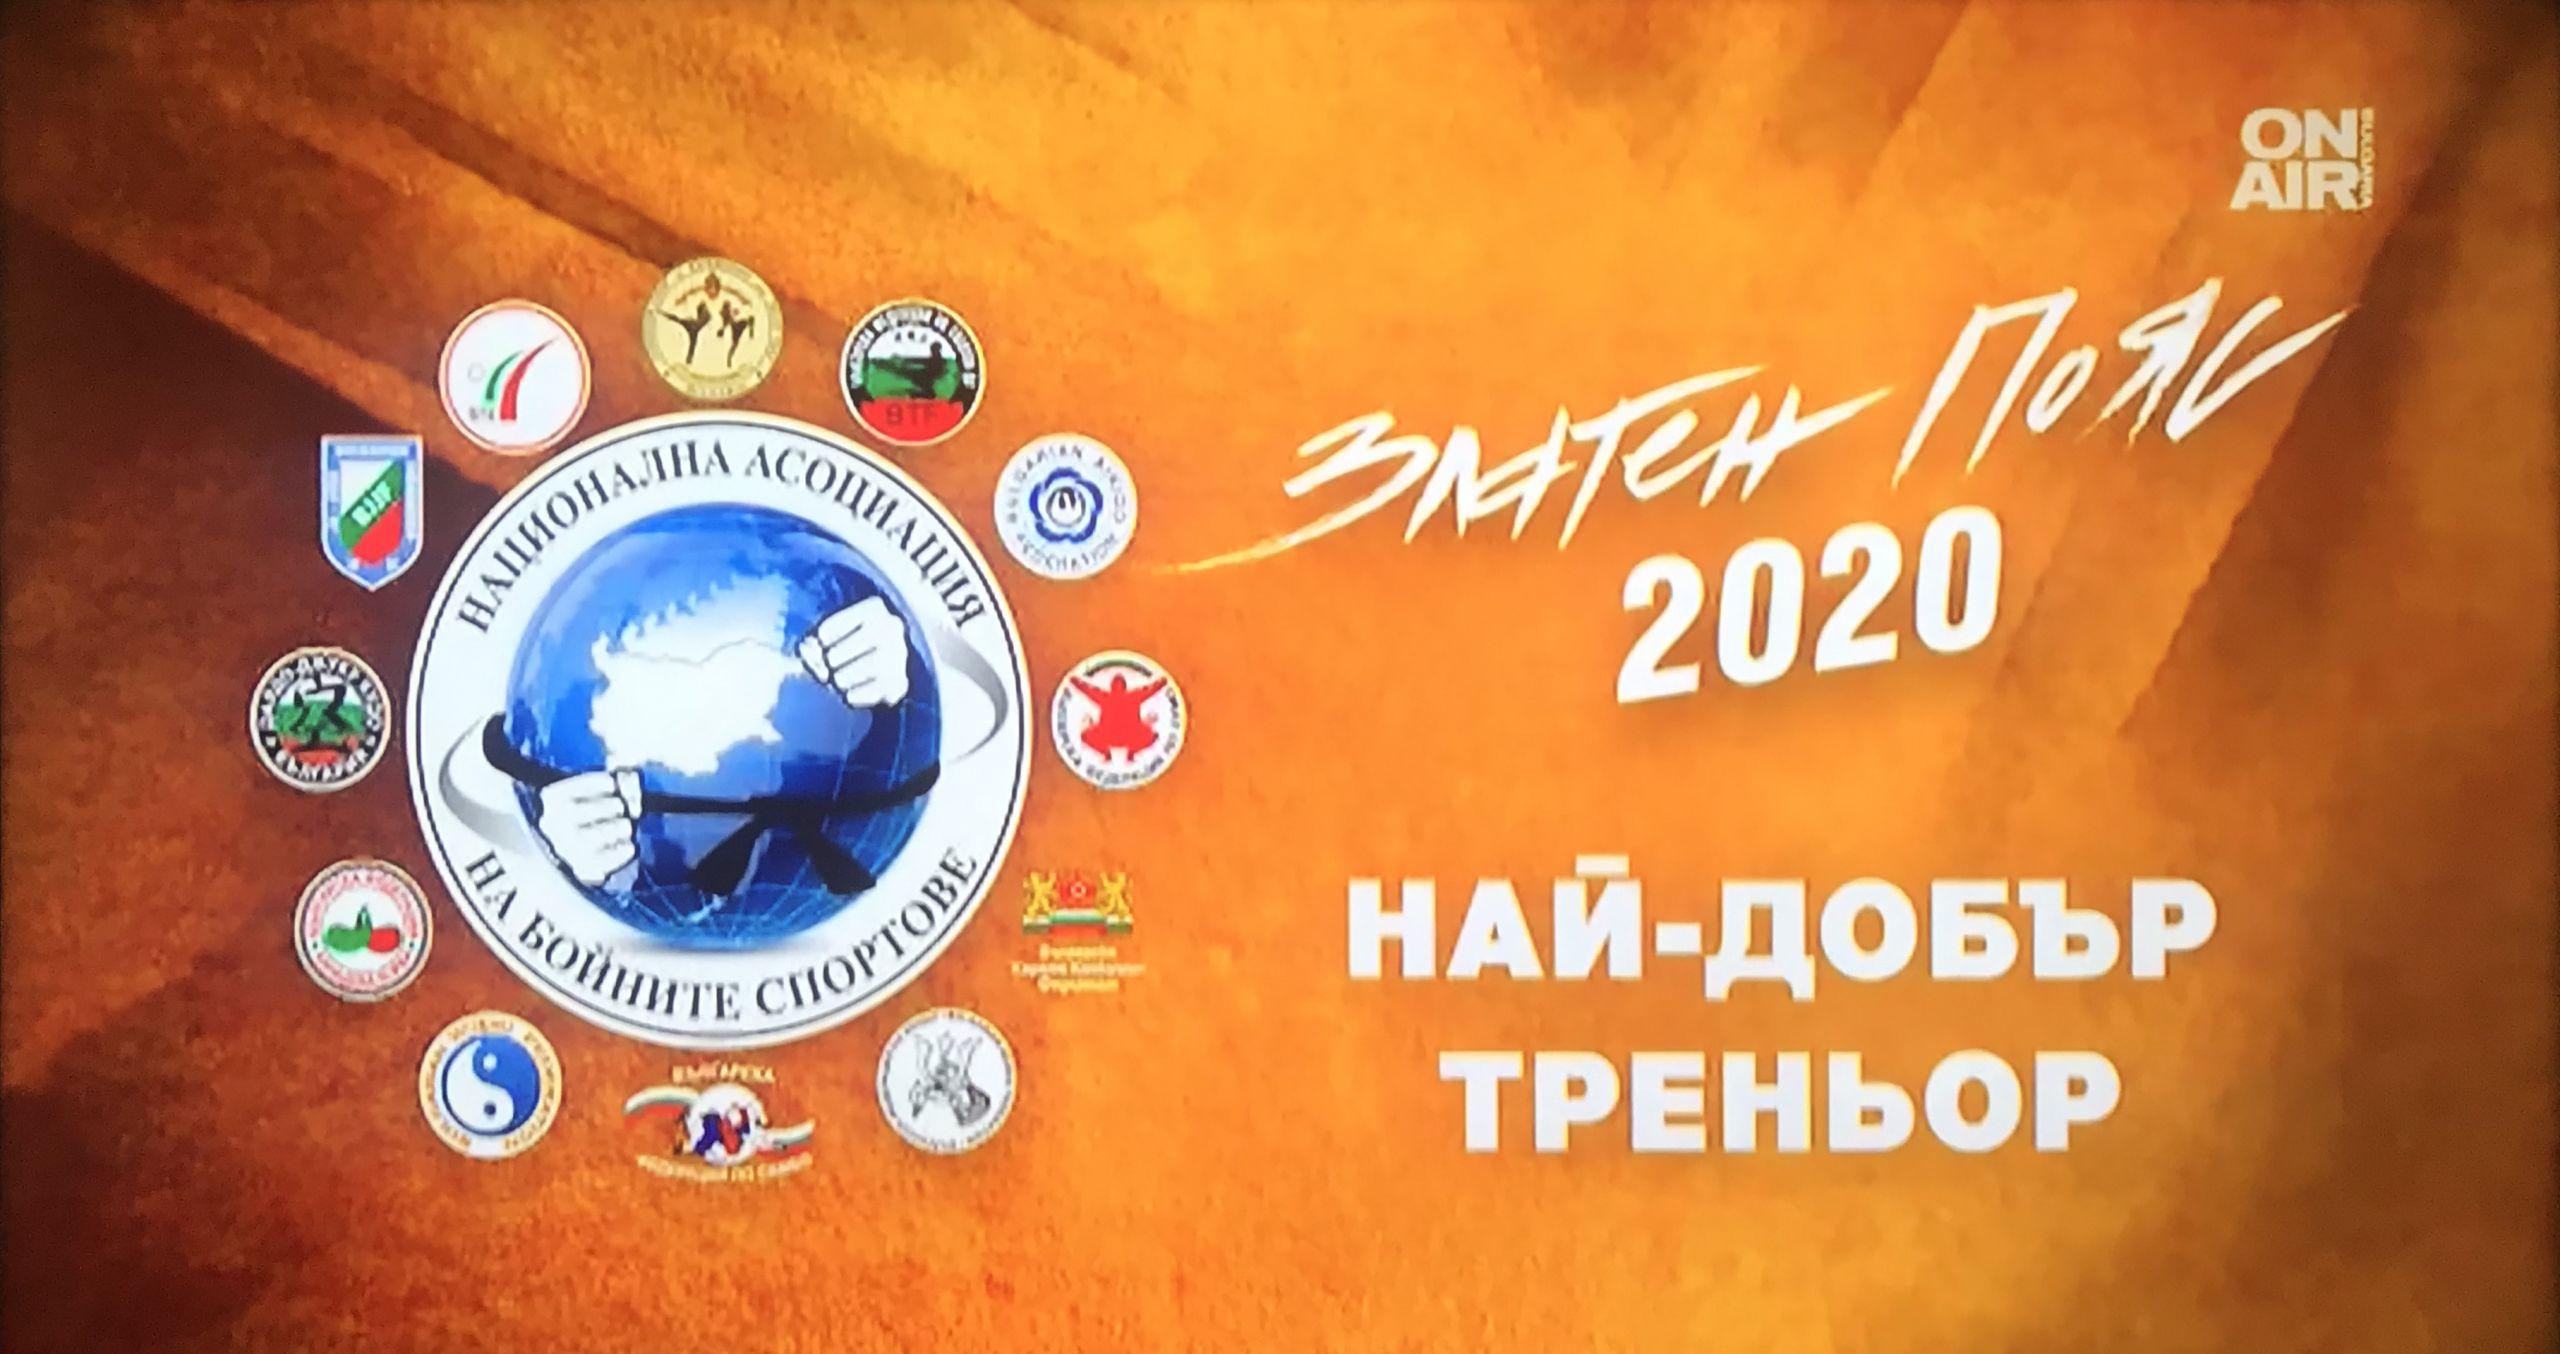 """Тихомир Тодоров с наградата """"Златен пояс"""" за най-добър треньор на 2020 (ВИДЕО)"""